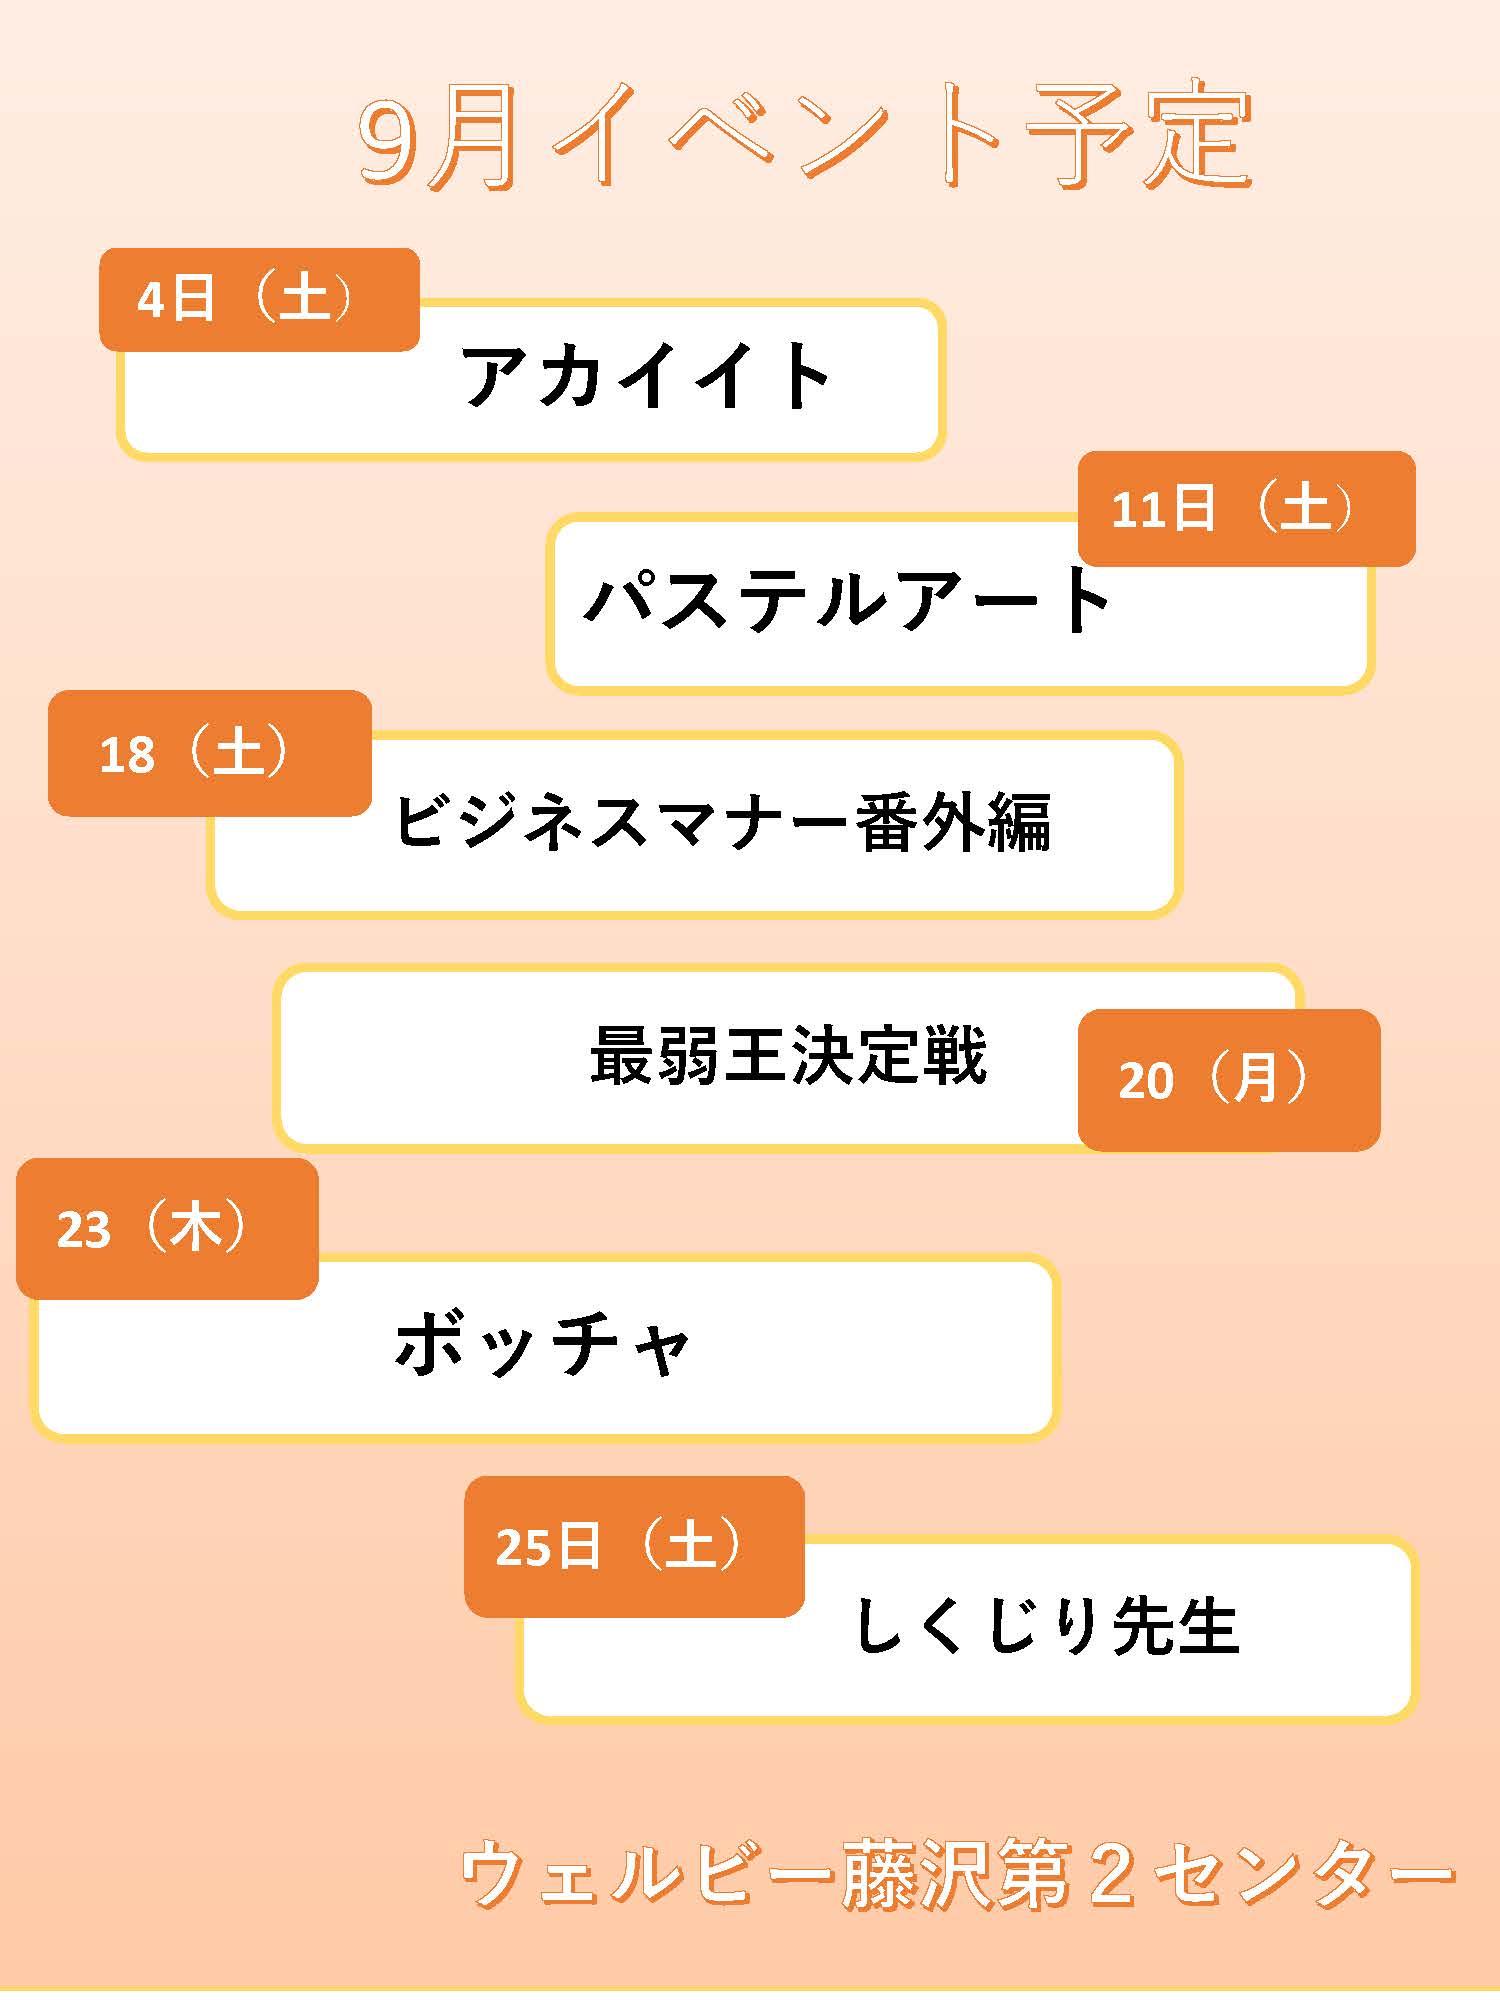 ウェルビー藤沢第2センター9月イベント予定